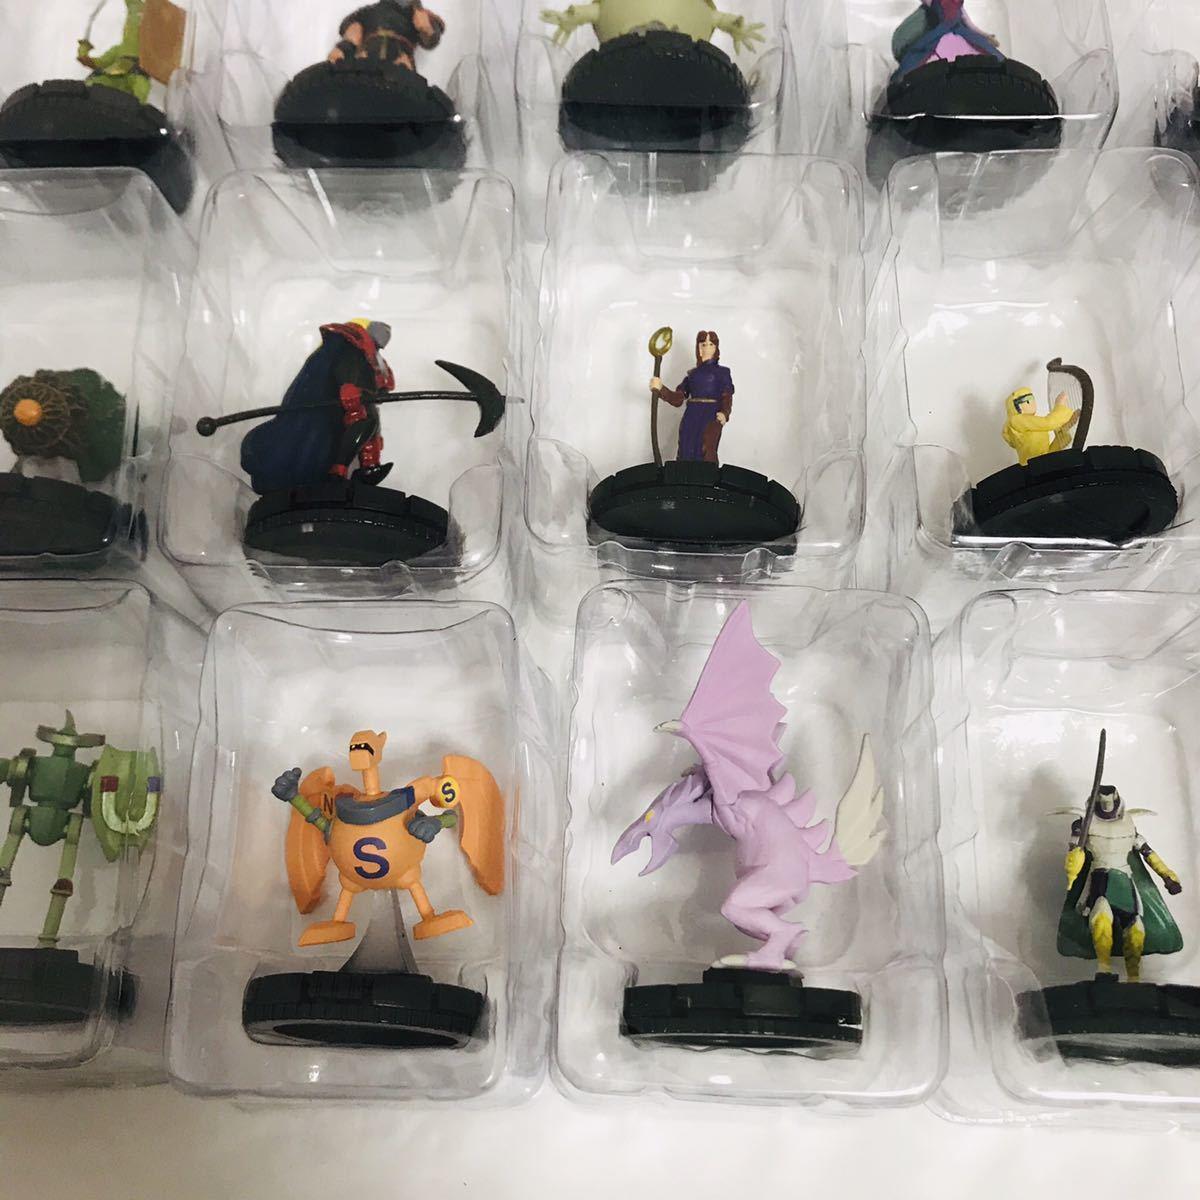 【未使用品】遊戯王 フィギュア 22個セット Heroclix ヒーロークリックス ホリーナイトドラゴン 磁石の戦士 etc. 海外 英語 希少 レア_画像3